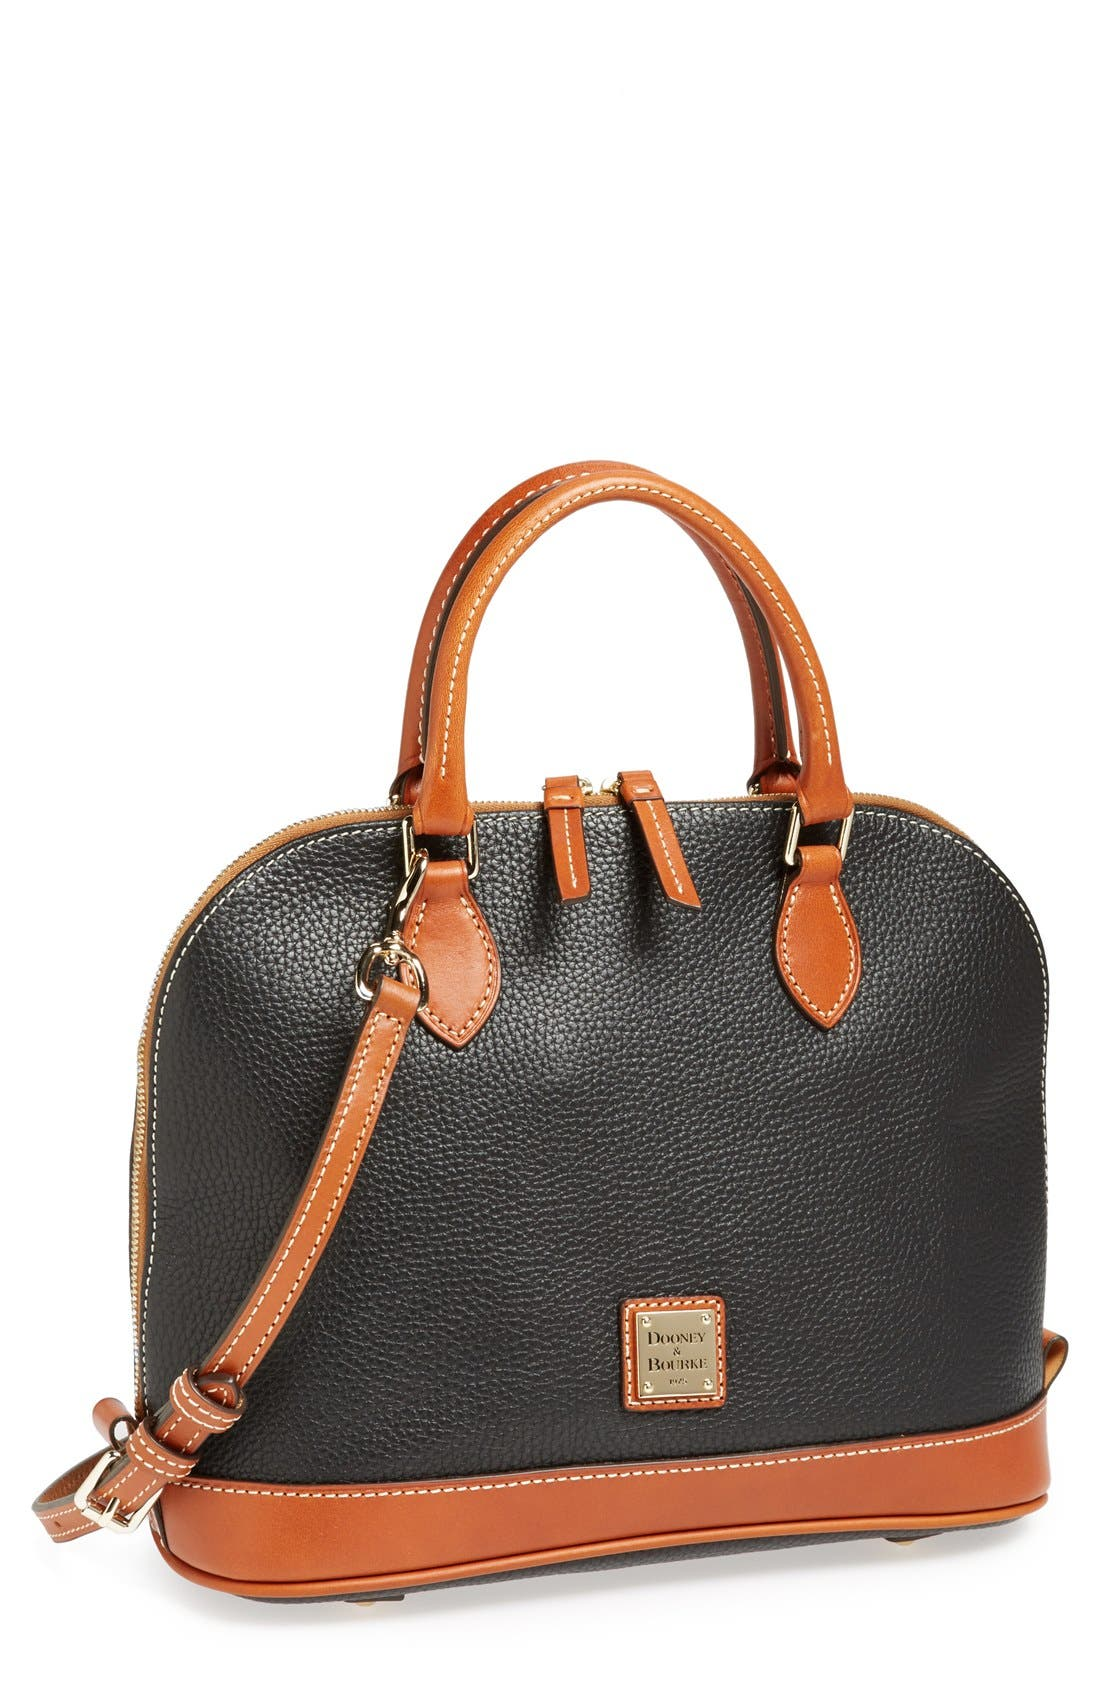 Main Image - Dooney & Bourke 'Pebble Grain Collection' Water Repellent Leather Zip Satchel